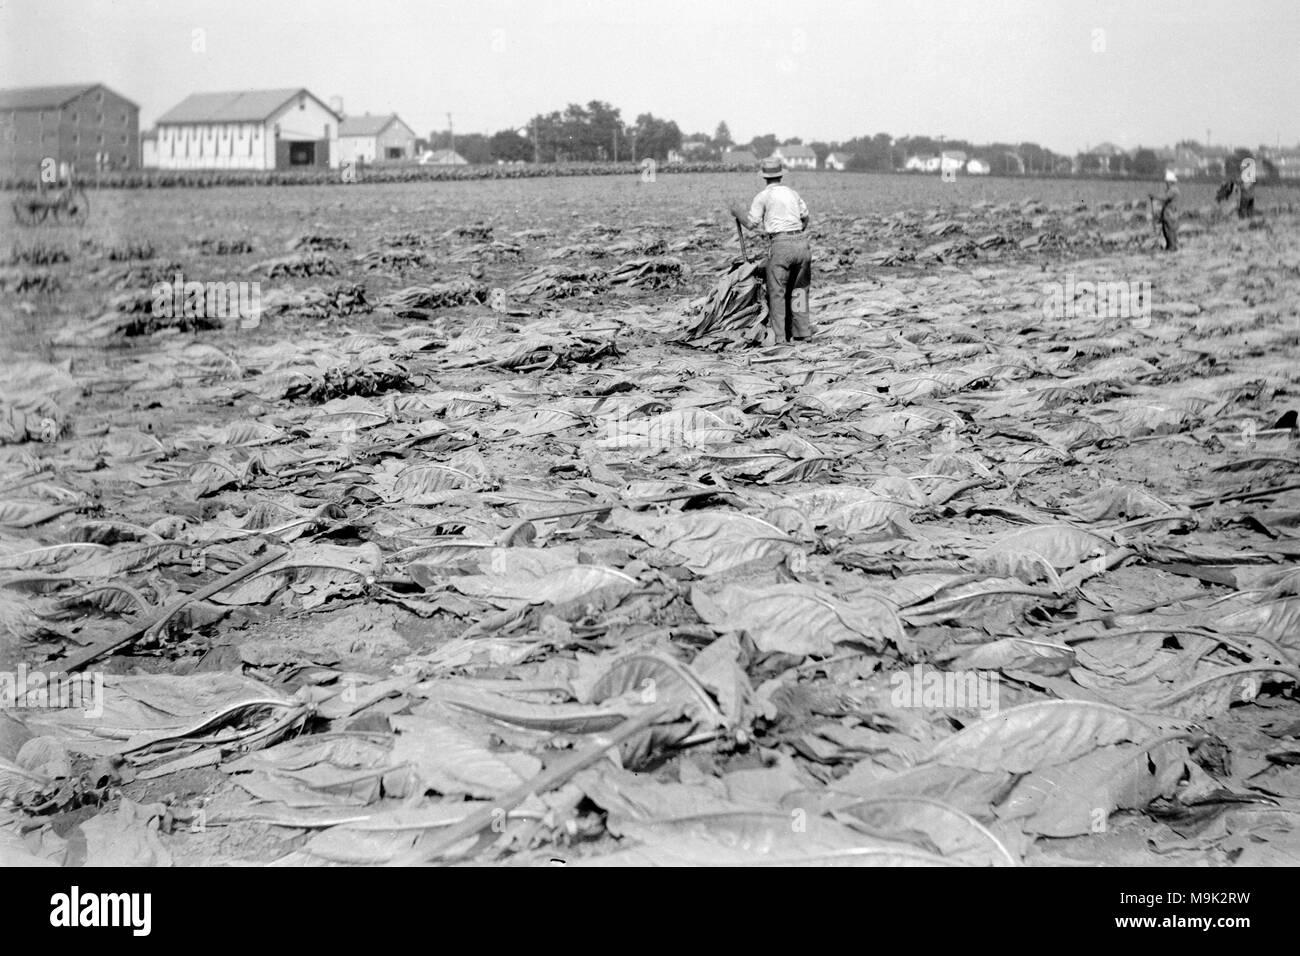 Tobacco harvesting in North Carolina, ca. 1920. - Stock Image